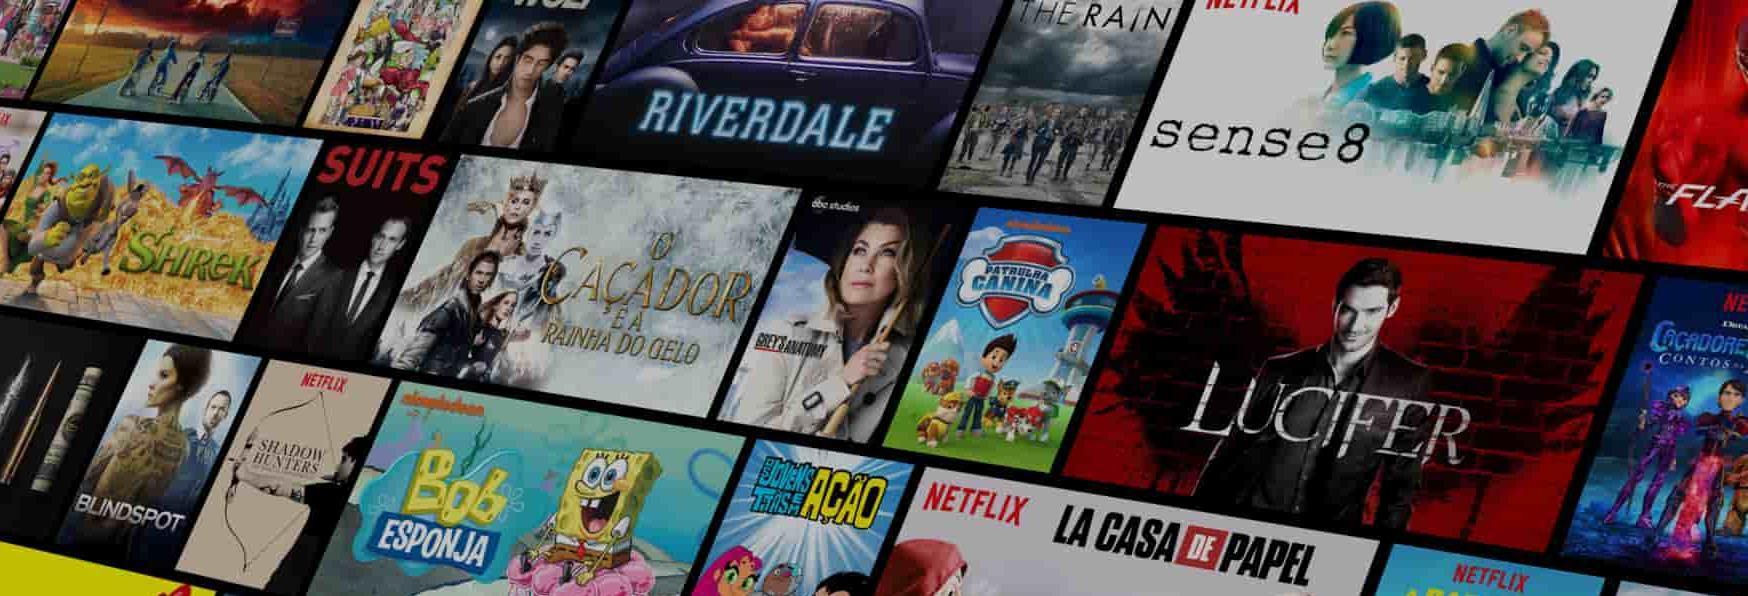 Netflix: tra un Mese ci Sarà un Aumento dei Prezzi dell'Abbonamento